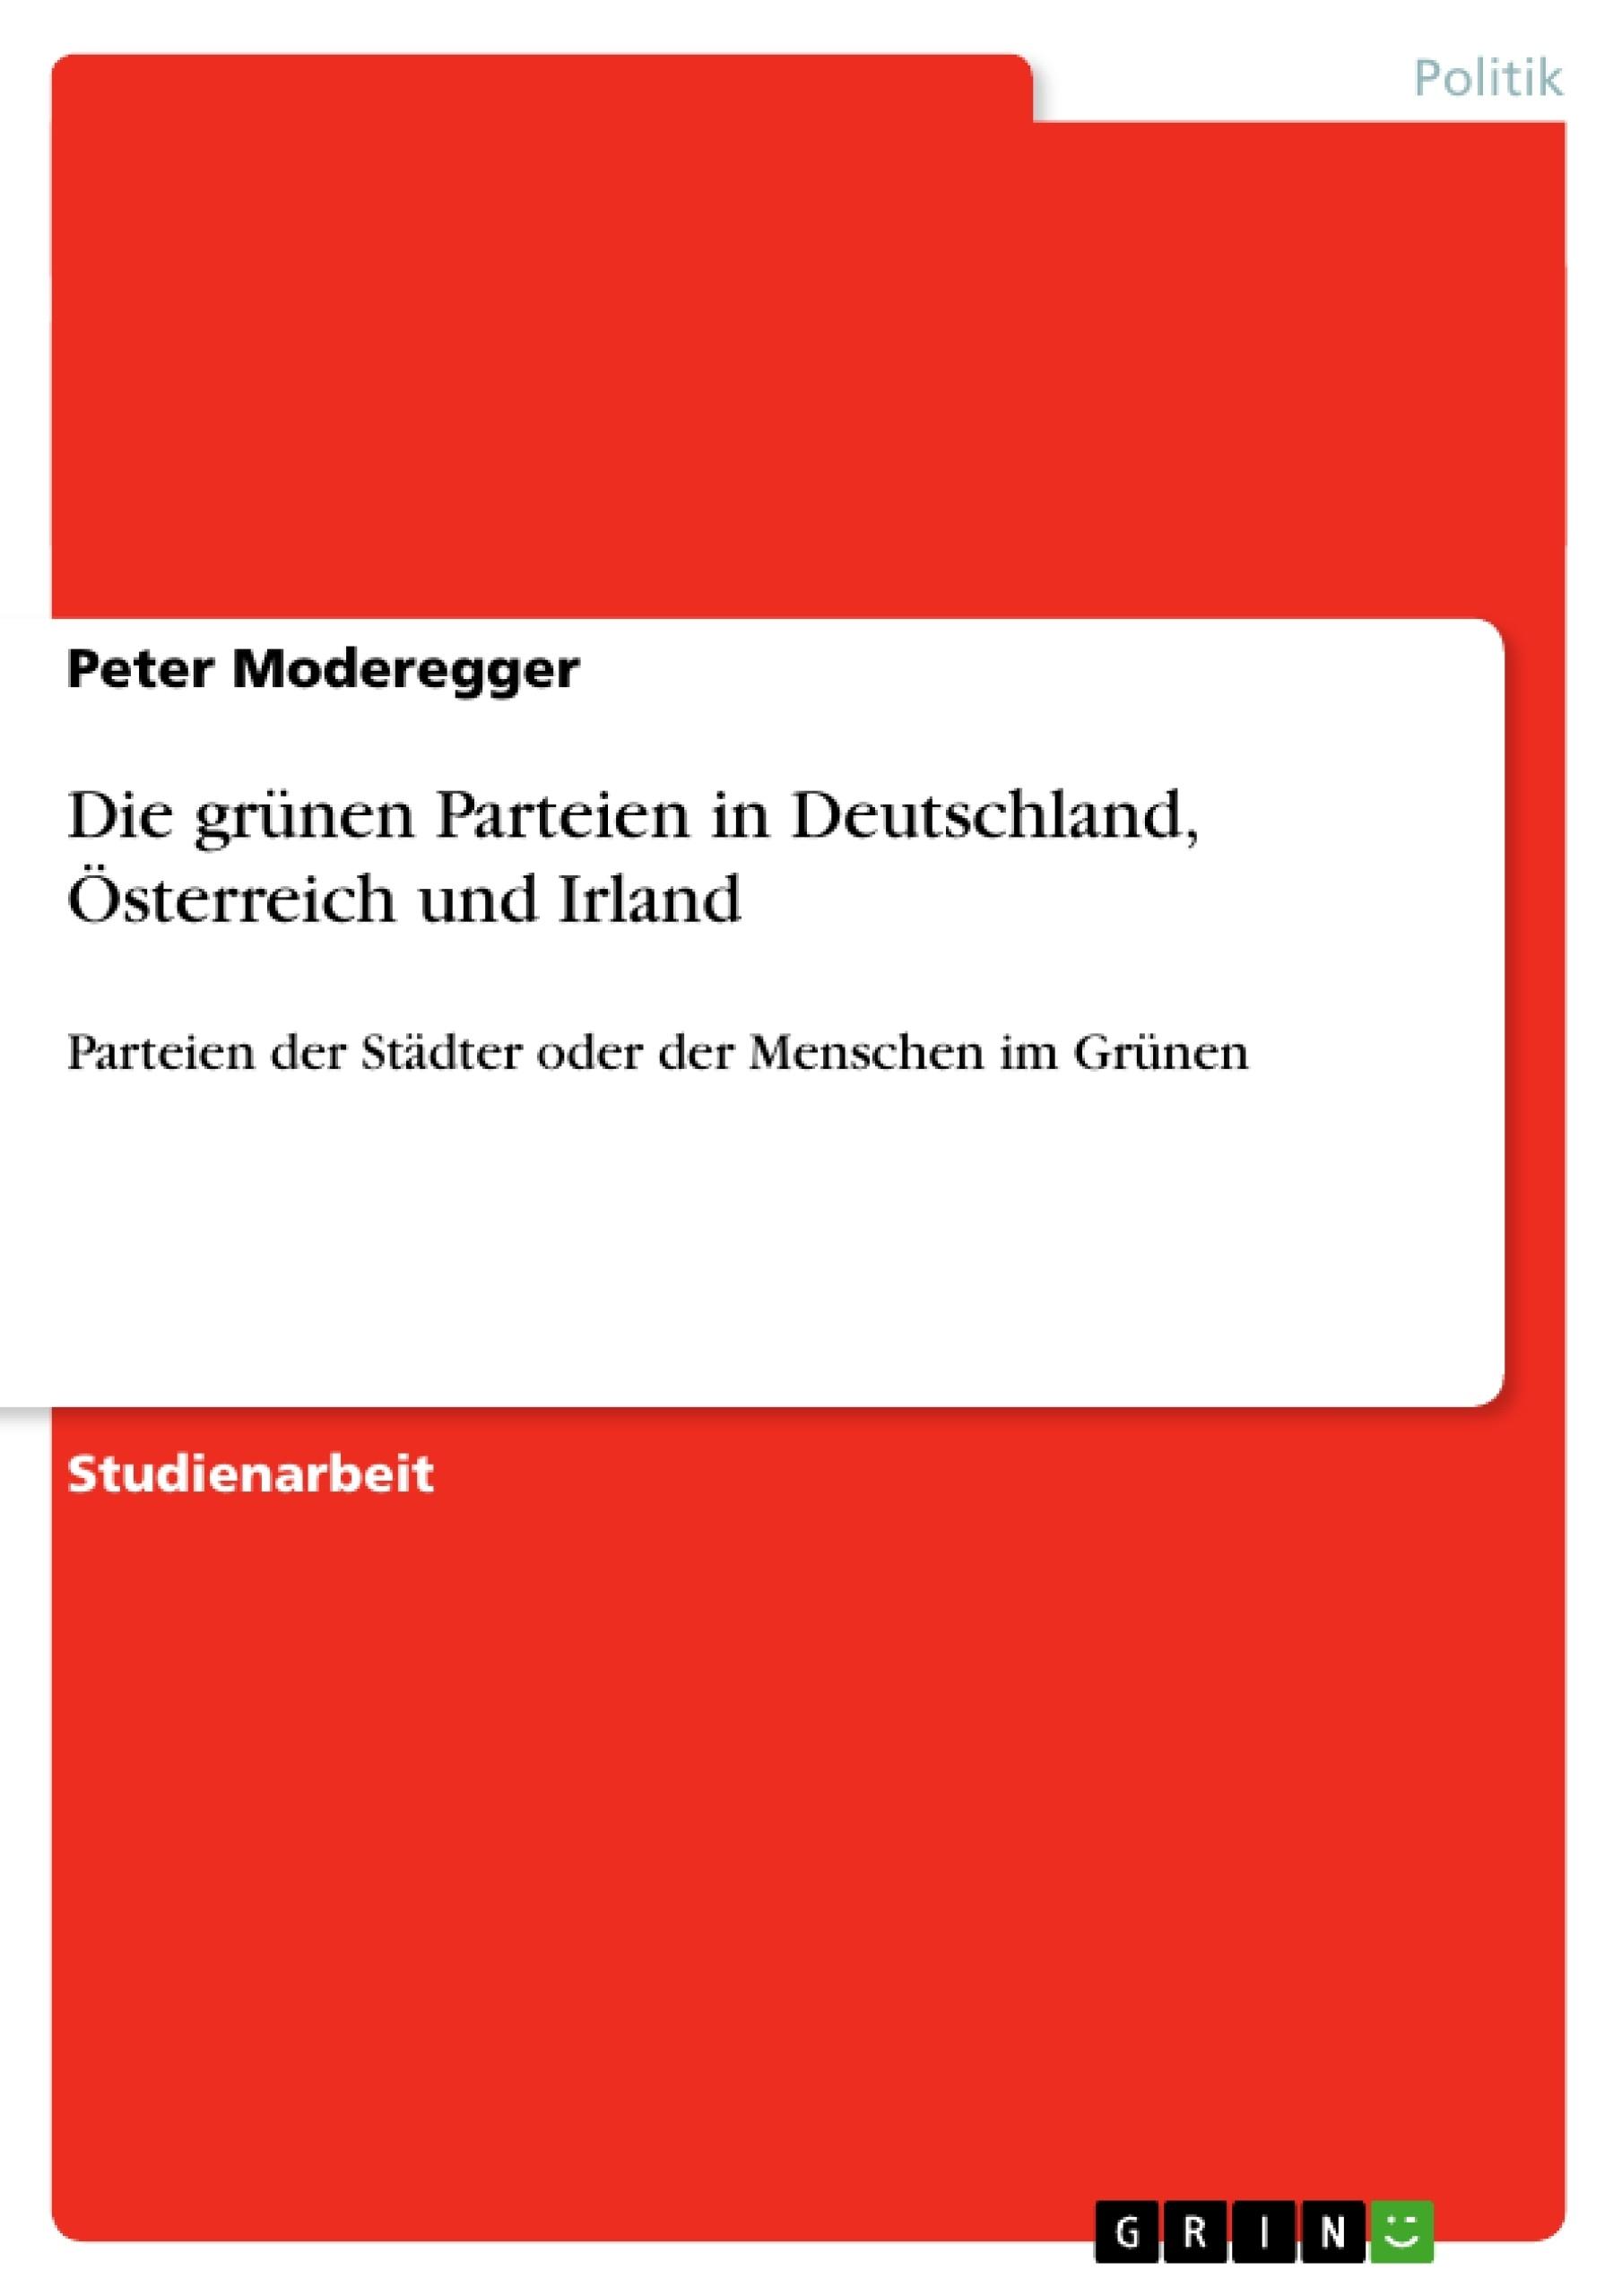 Titel: Die grünen Parteien in Deutschland, Österreich und Irland